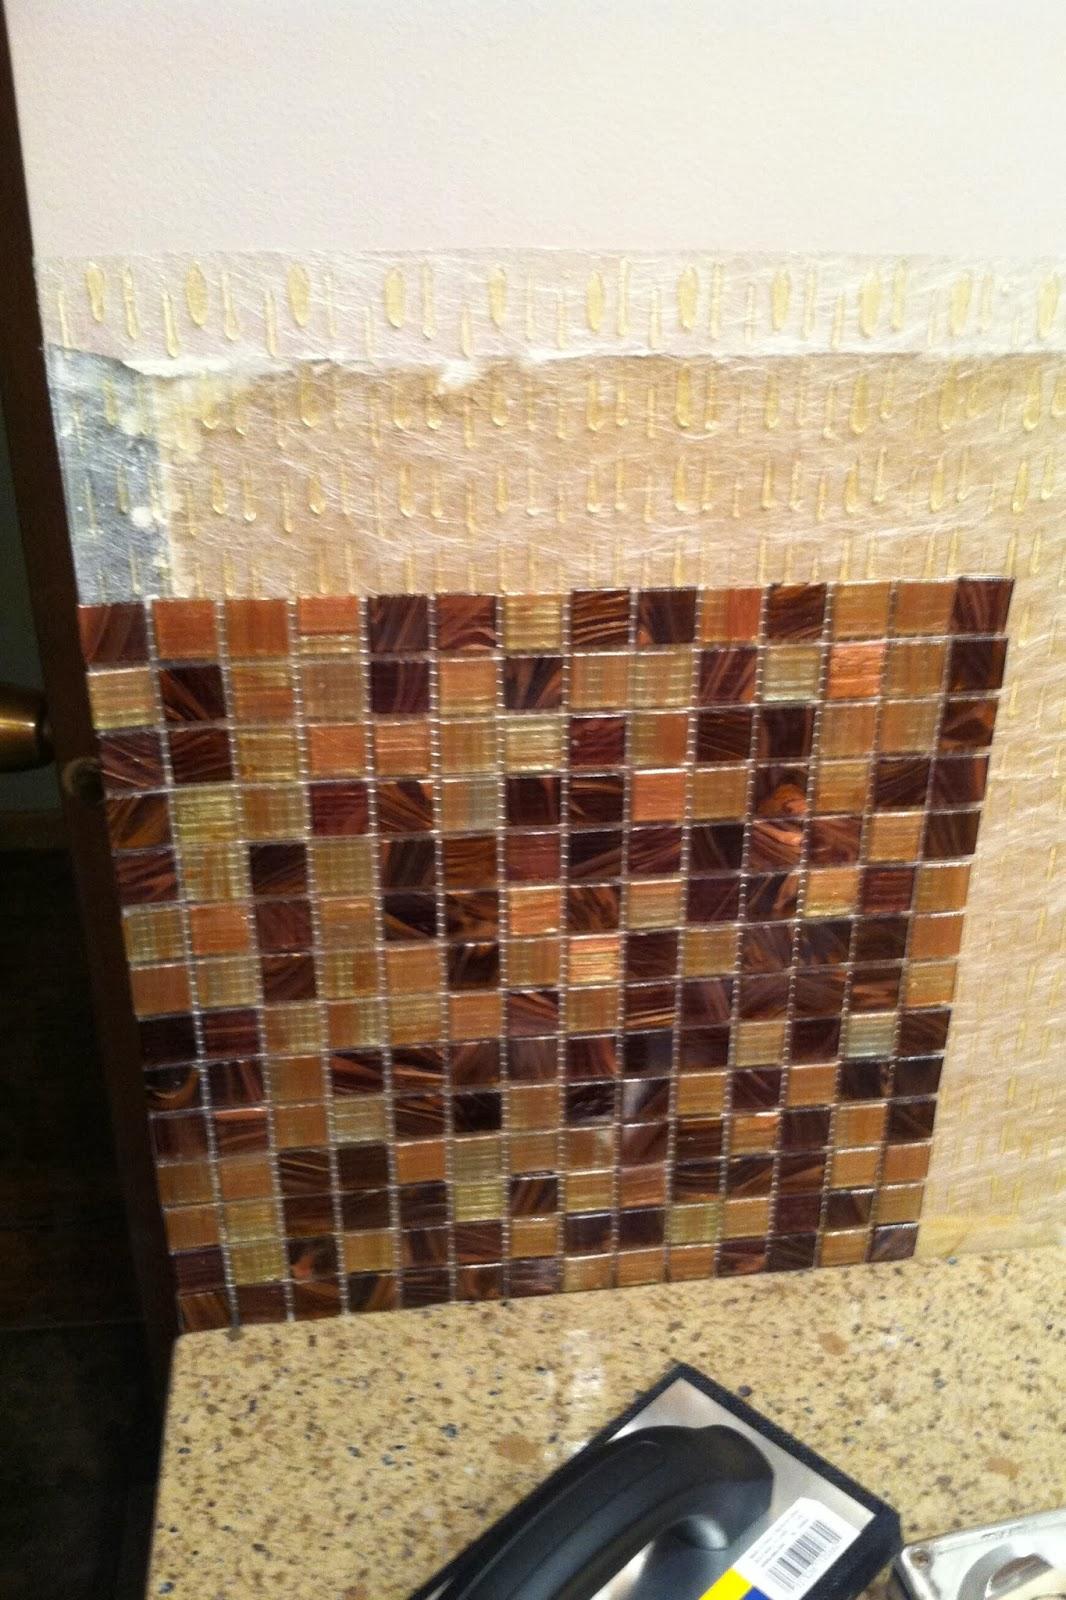 How to put up tile backsplash